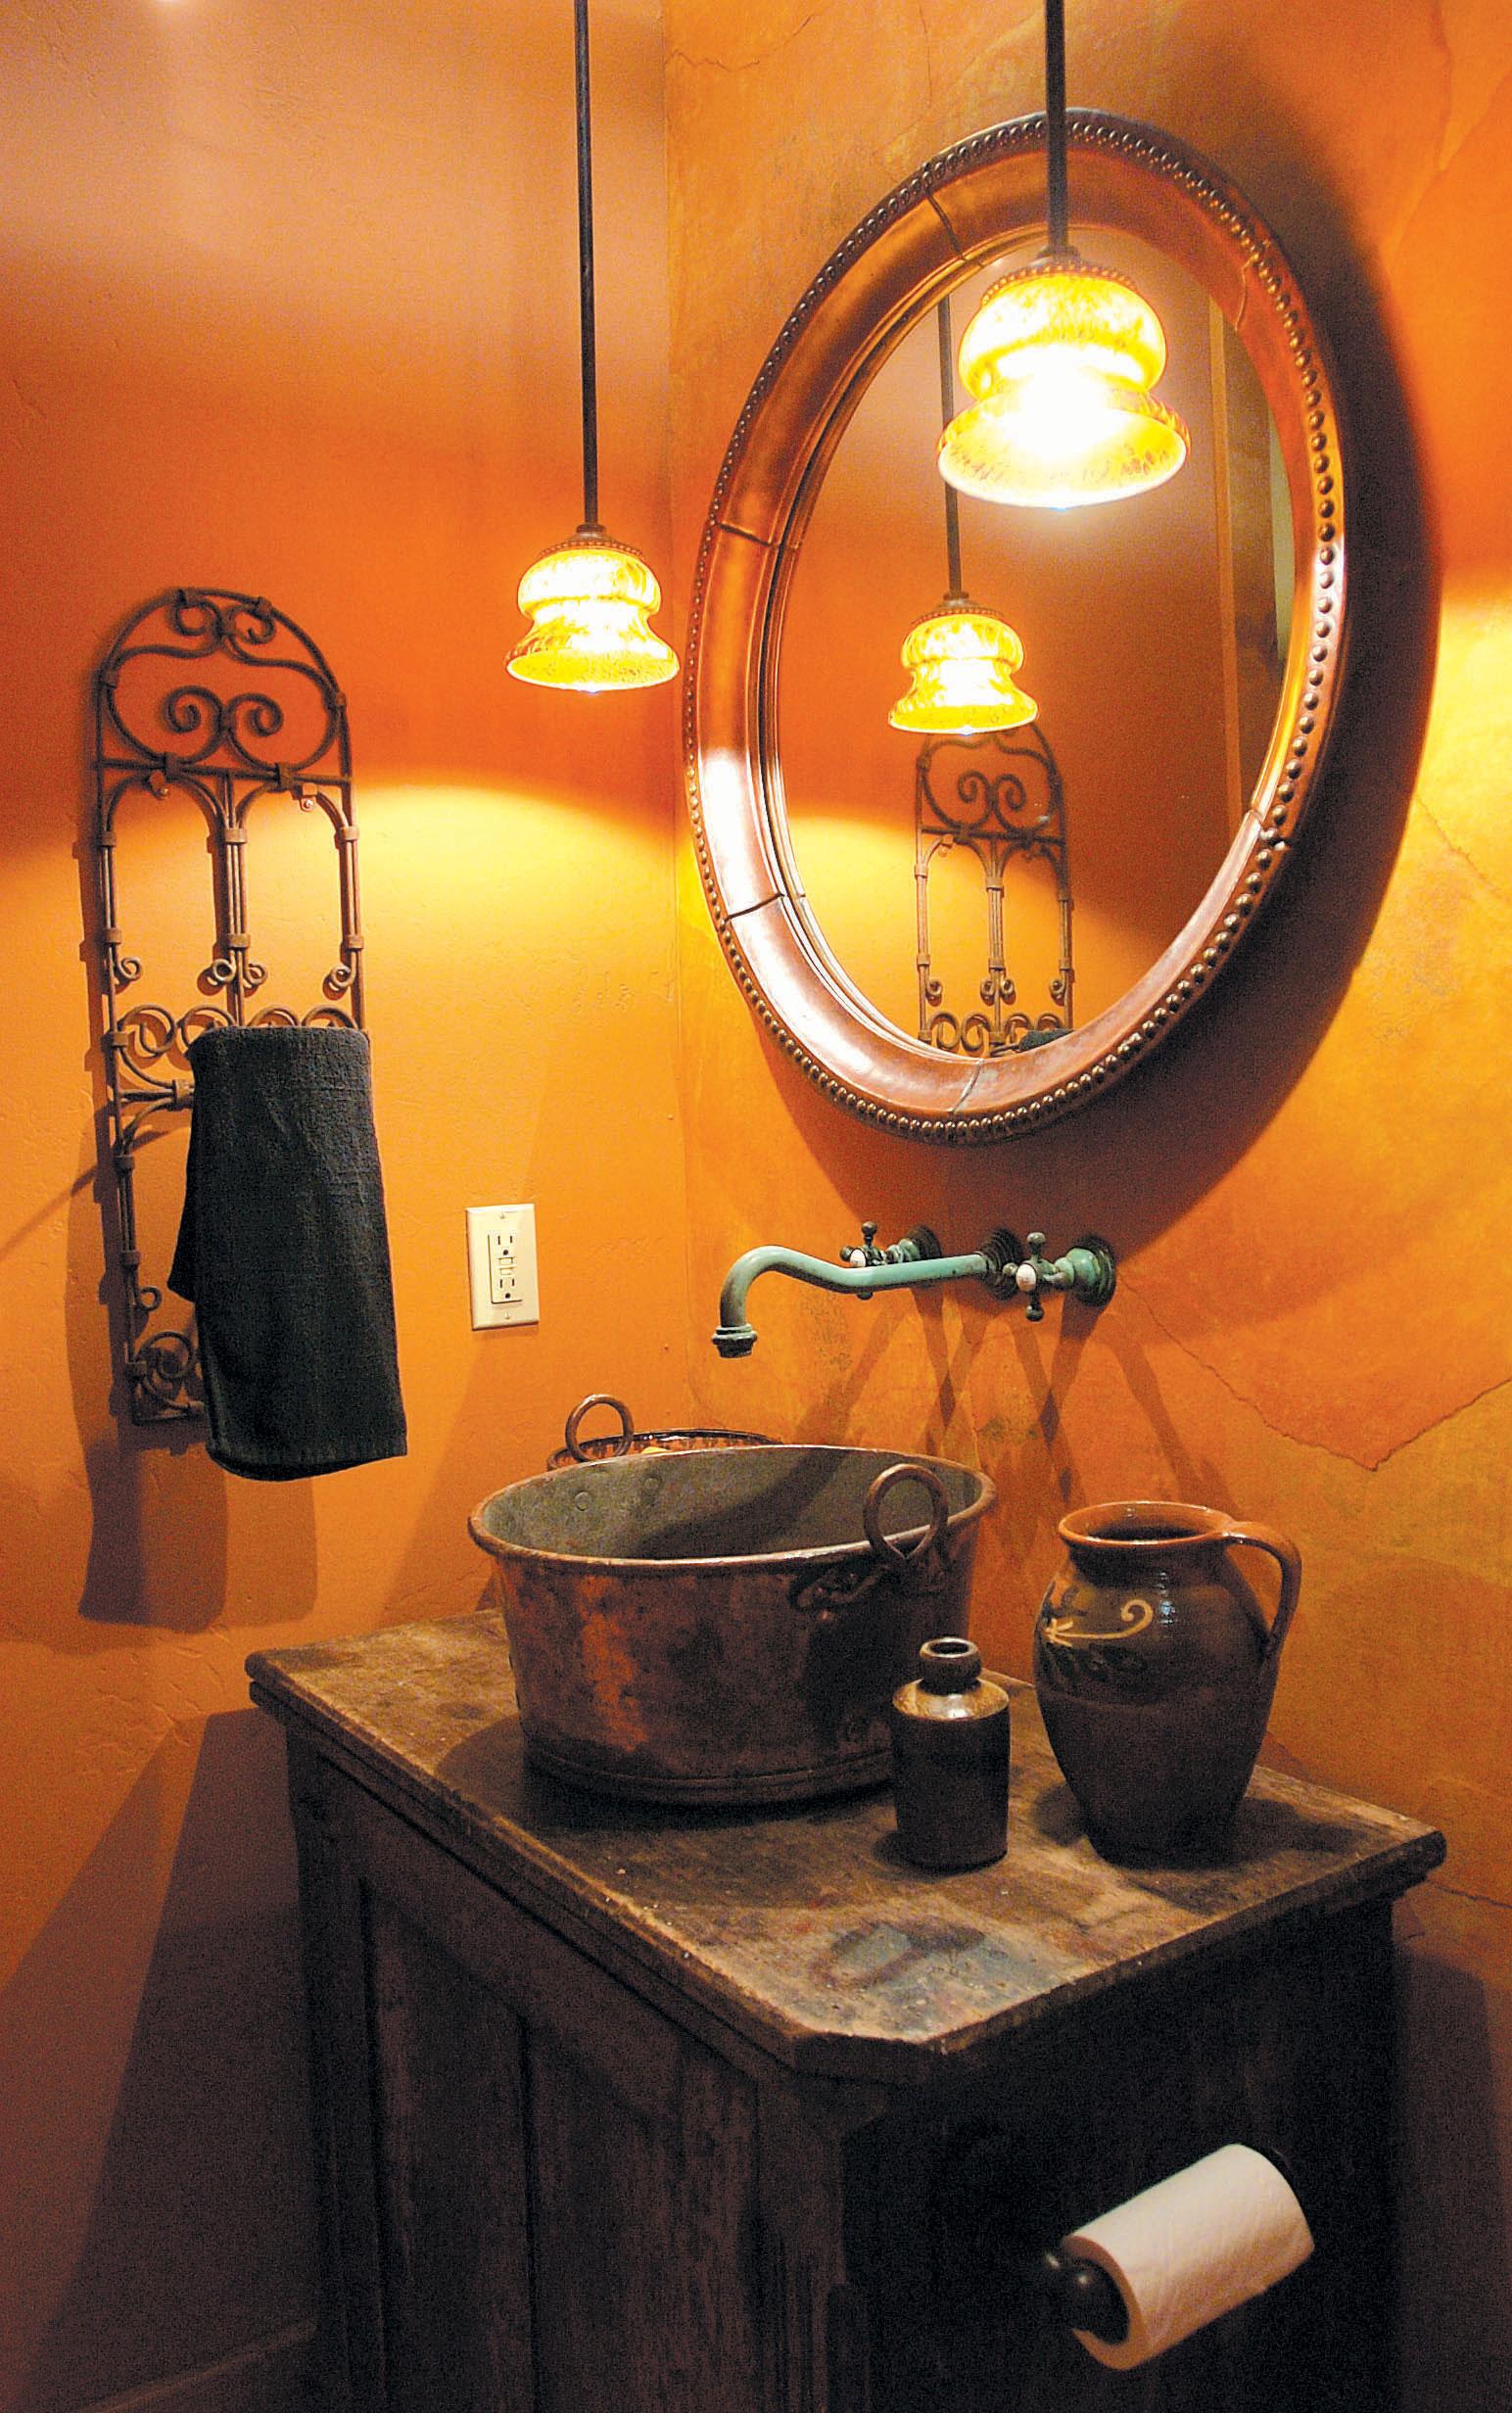 Comer-Int-Bath-W.jpg